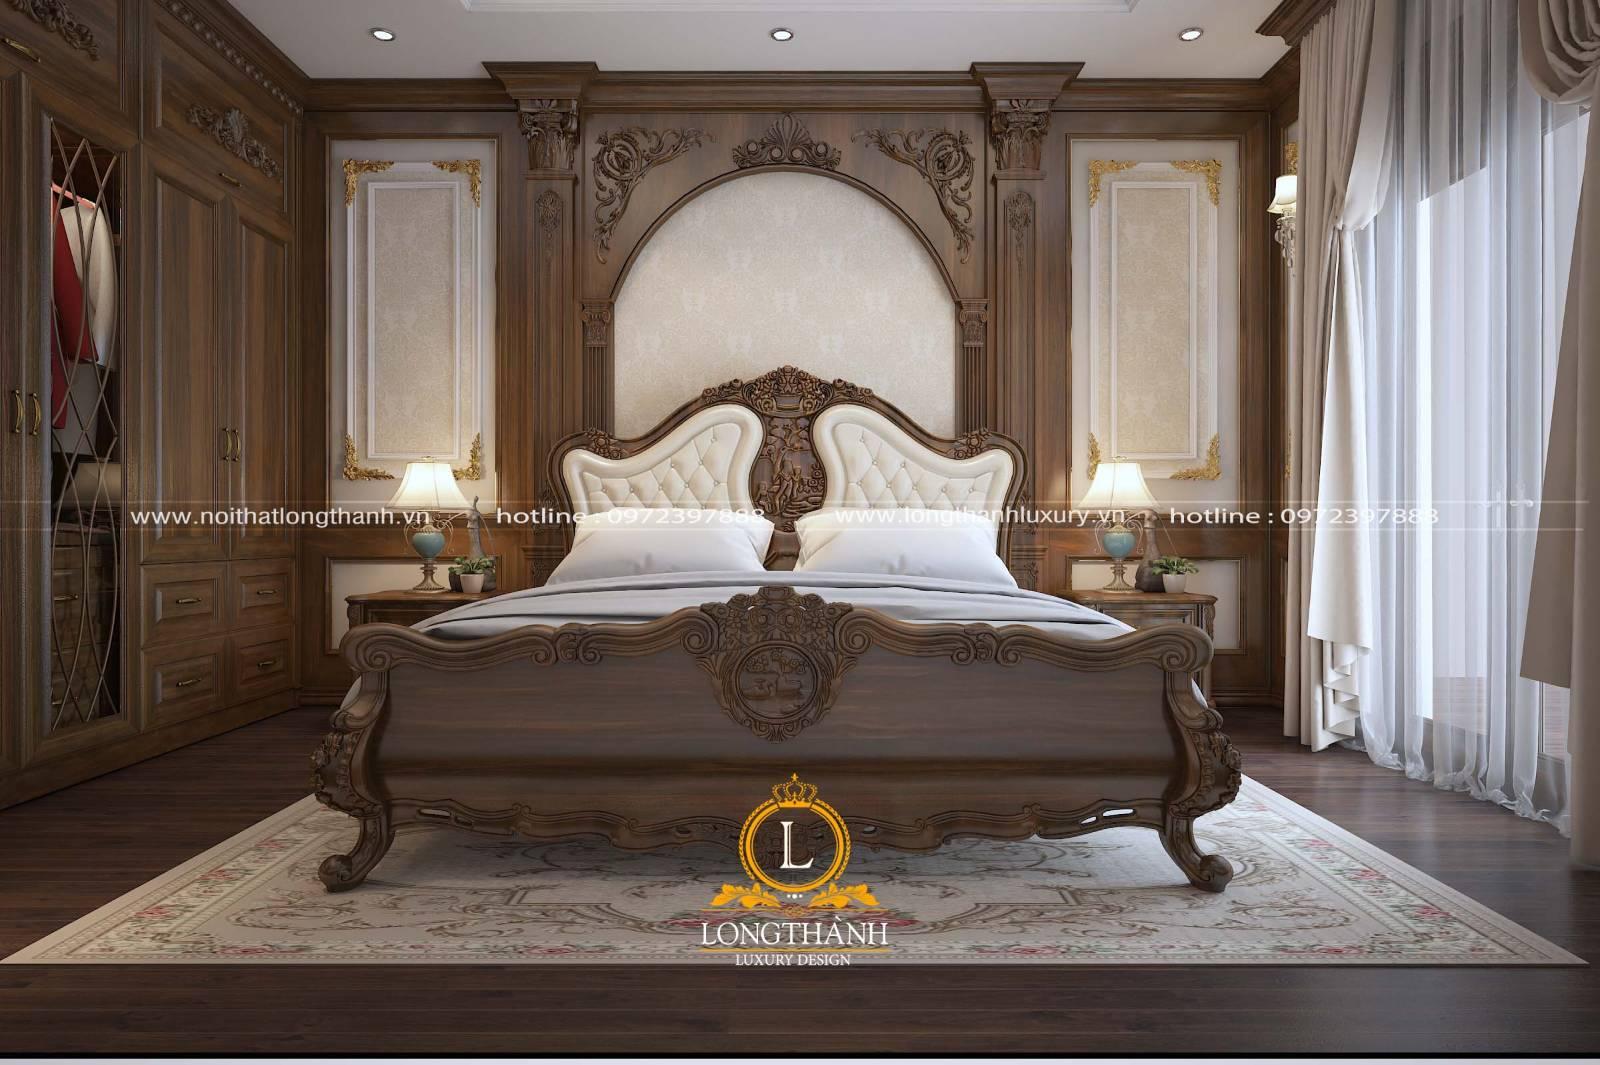 Mẫu giường ngủ master tân cổ điển gỗ Óc chó kết hợp da Ý tự nhiên